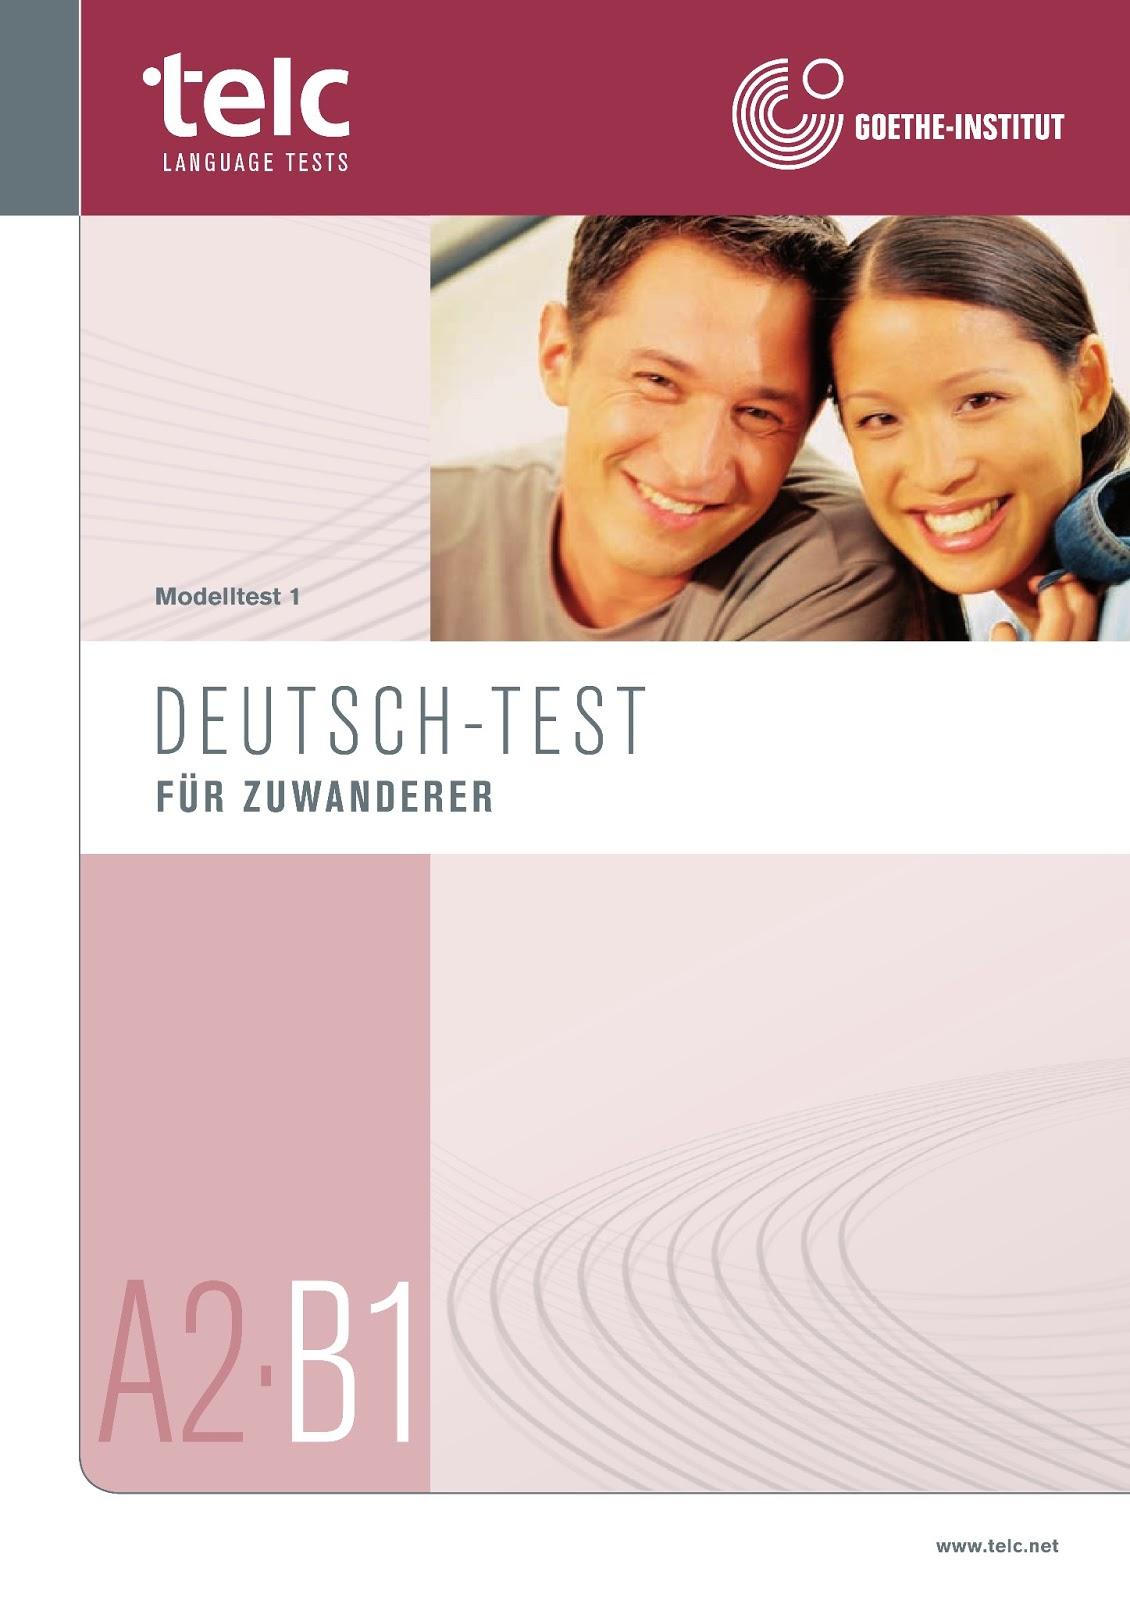 learn deutsch download telc deutsch test f r zuwanderer. Black Bedroom Furniture Sets. Home Design Ideas